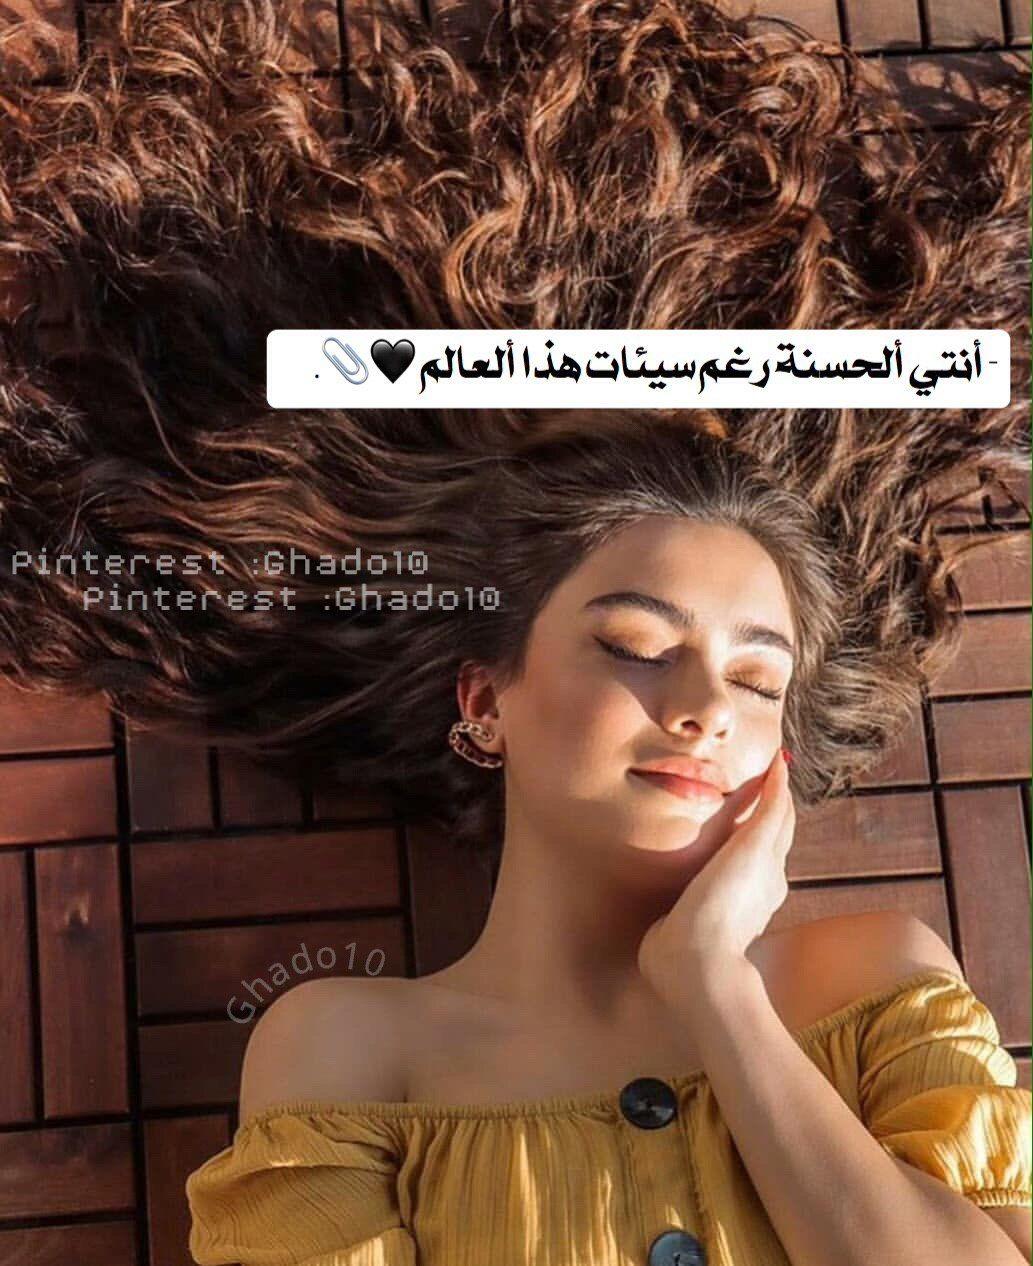 اكسبلور اقتباسات رمزيات حب العراق السعودية الامارات الخليج اطفال ایران Explore Love Beautiful Girl Photo Hand Photography Calligraphy Quotes Love